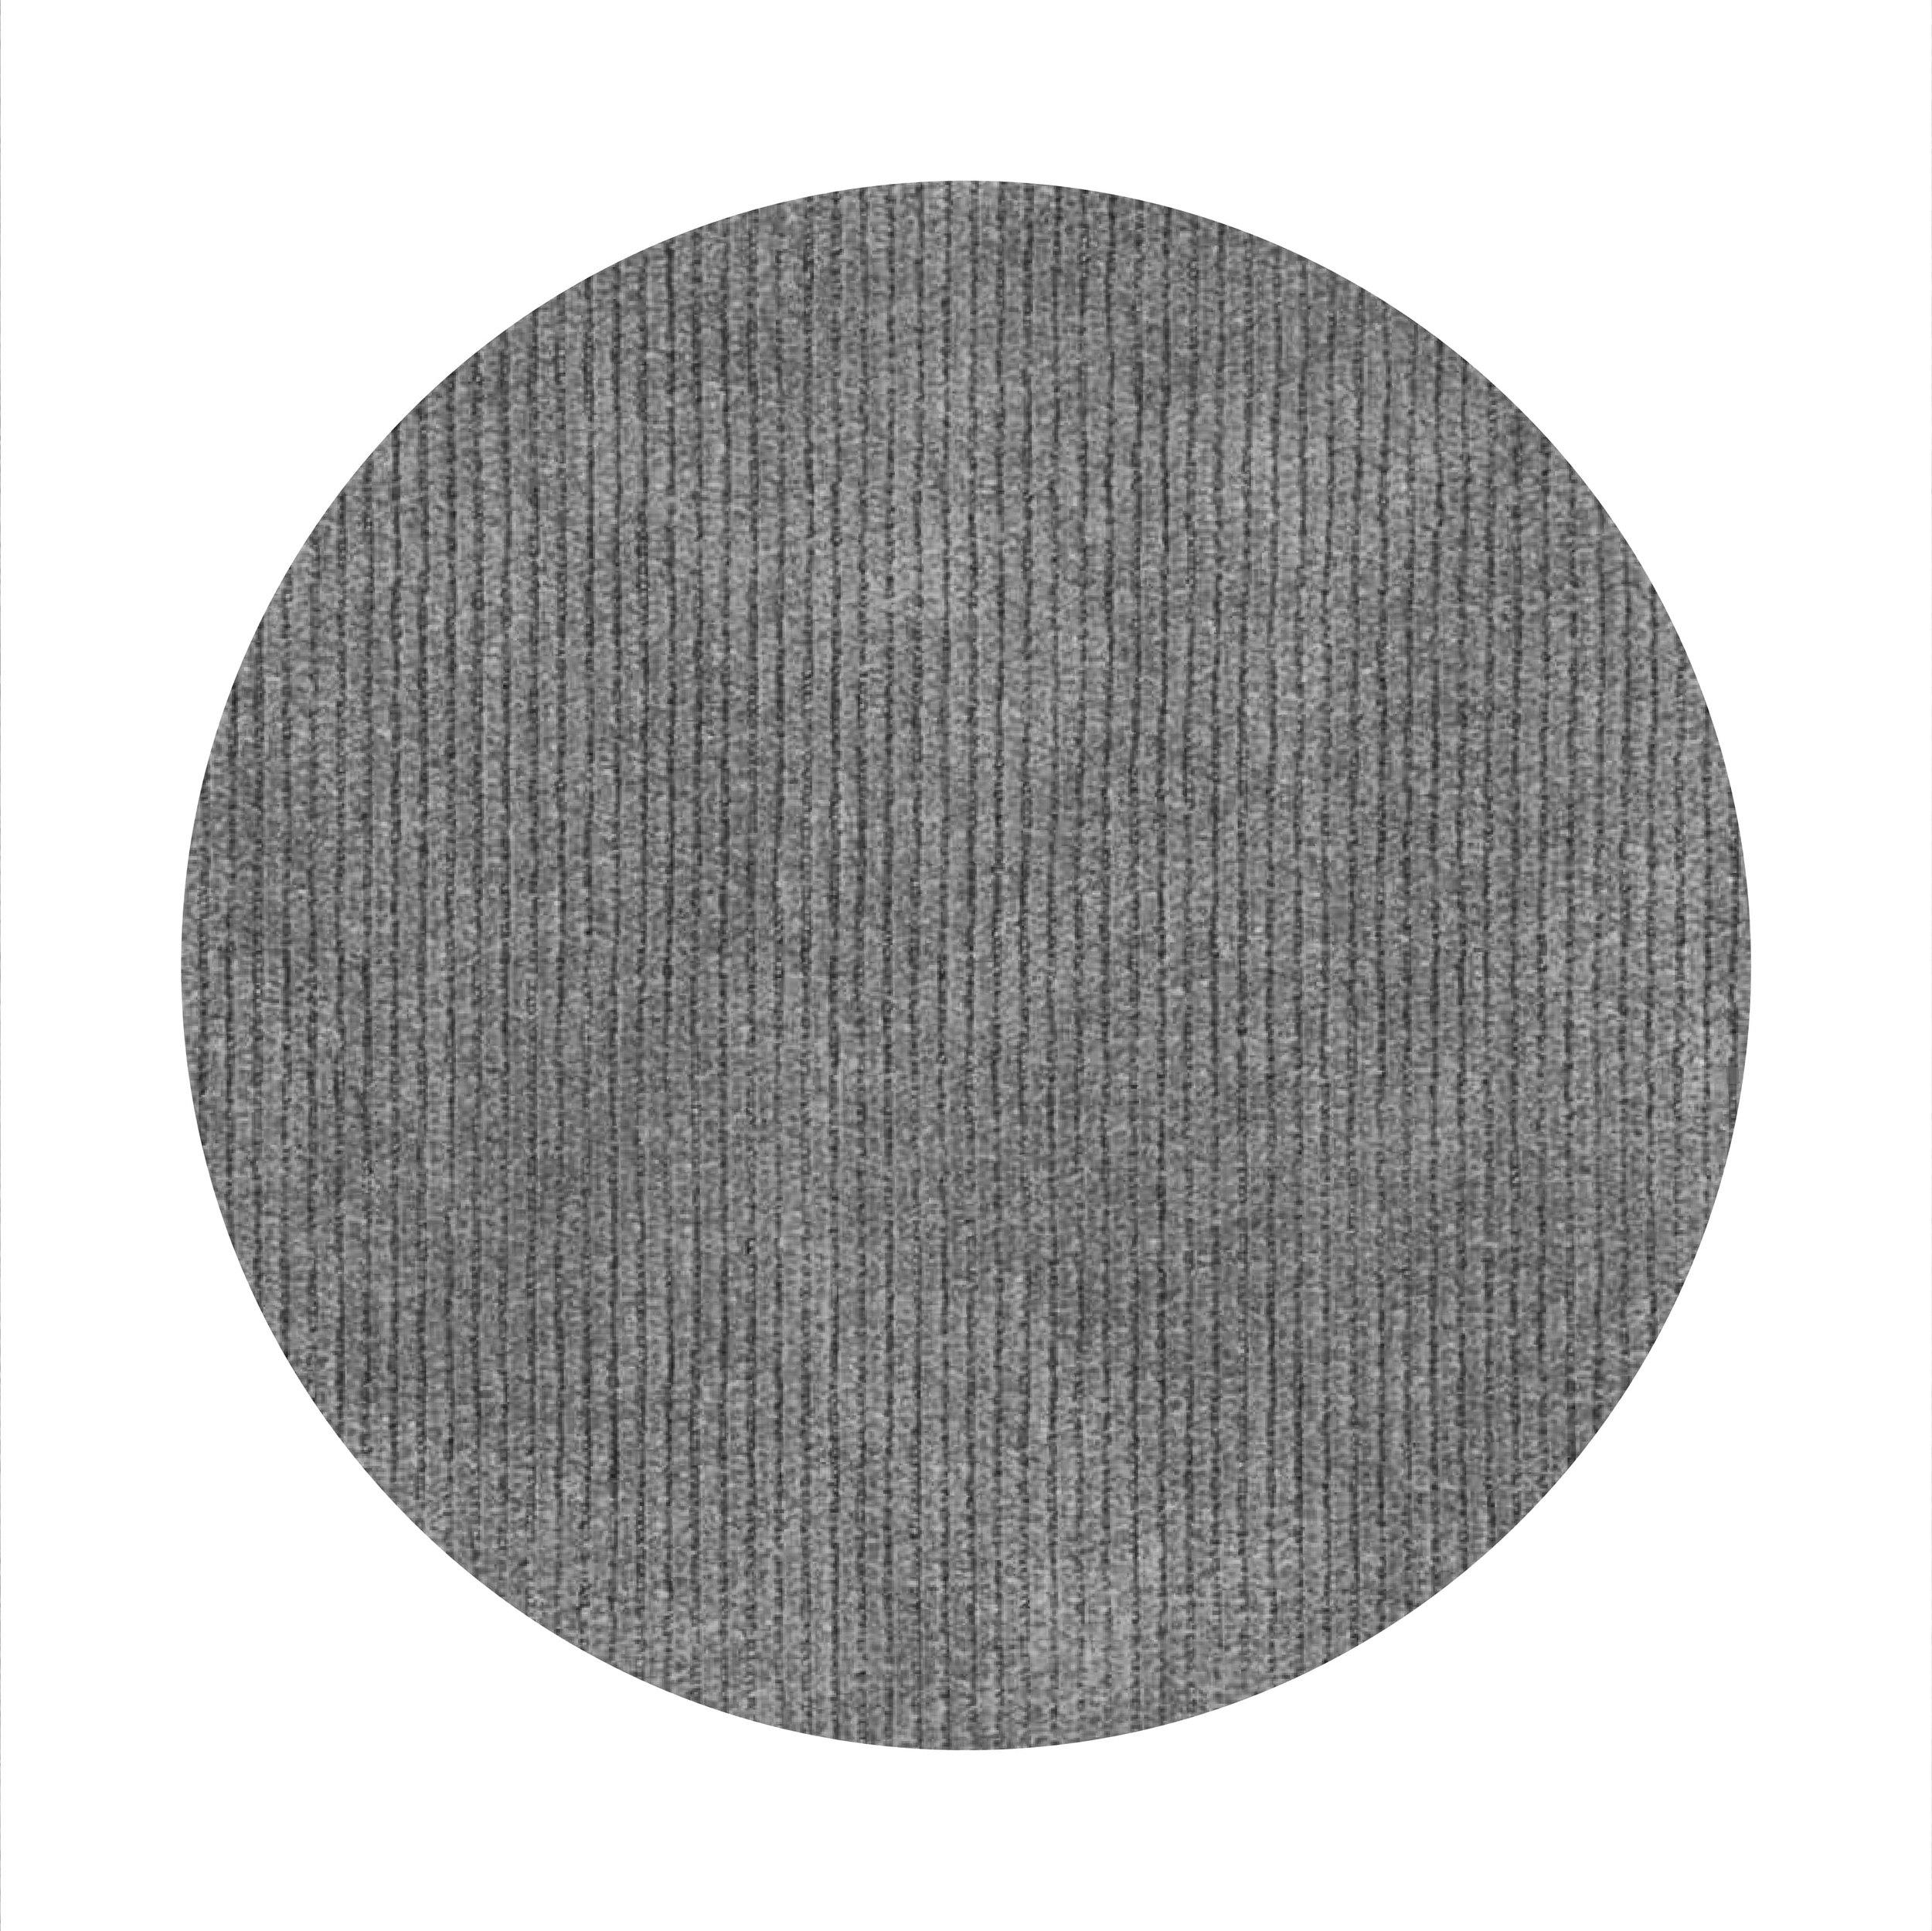 circle close ups-05-min.jpg